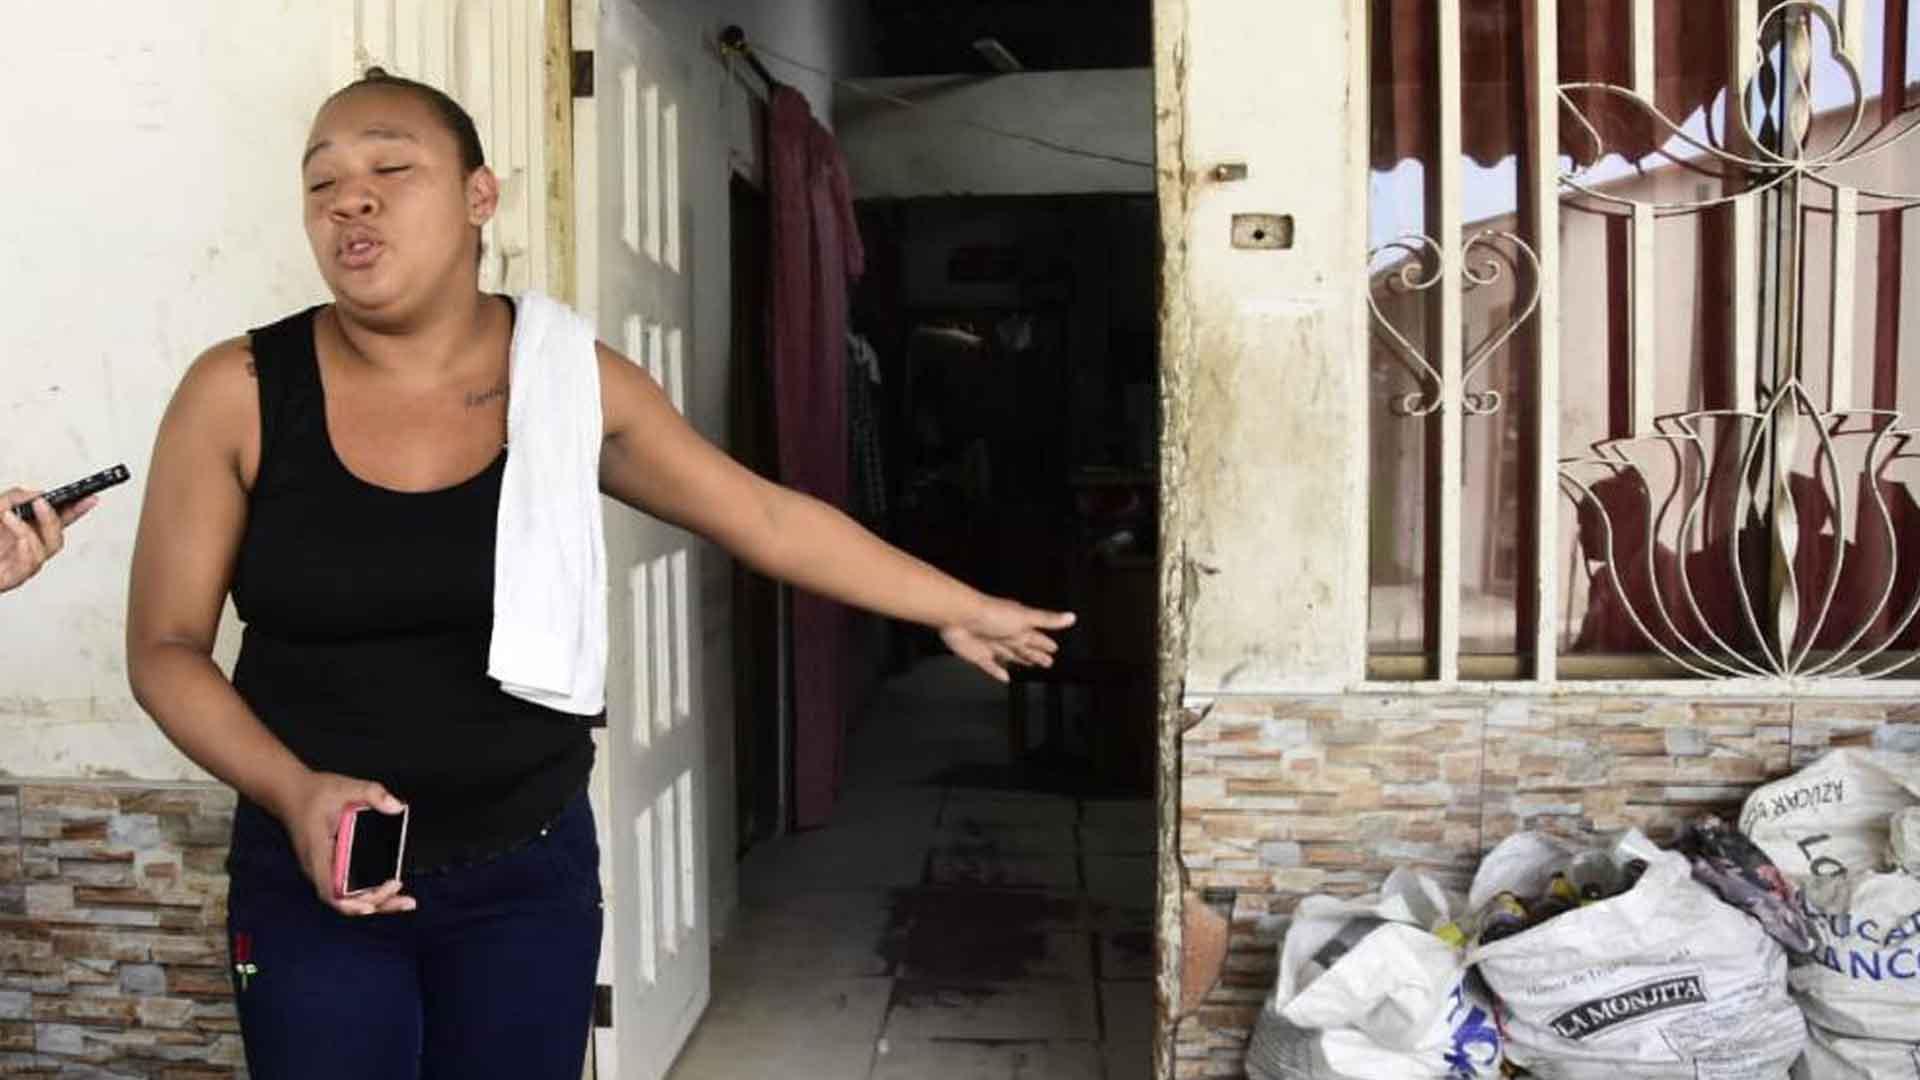 La esposa de la víctima, Kelly niño, dijo que las piedras en la terraza habían sido lanzadas por los policías.